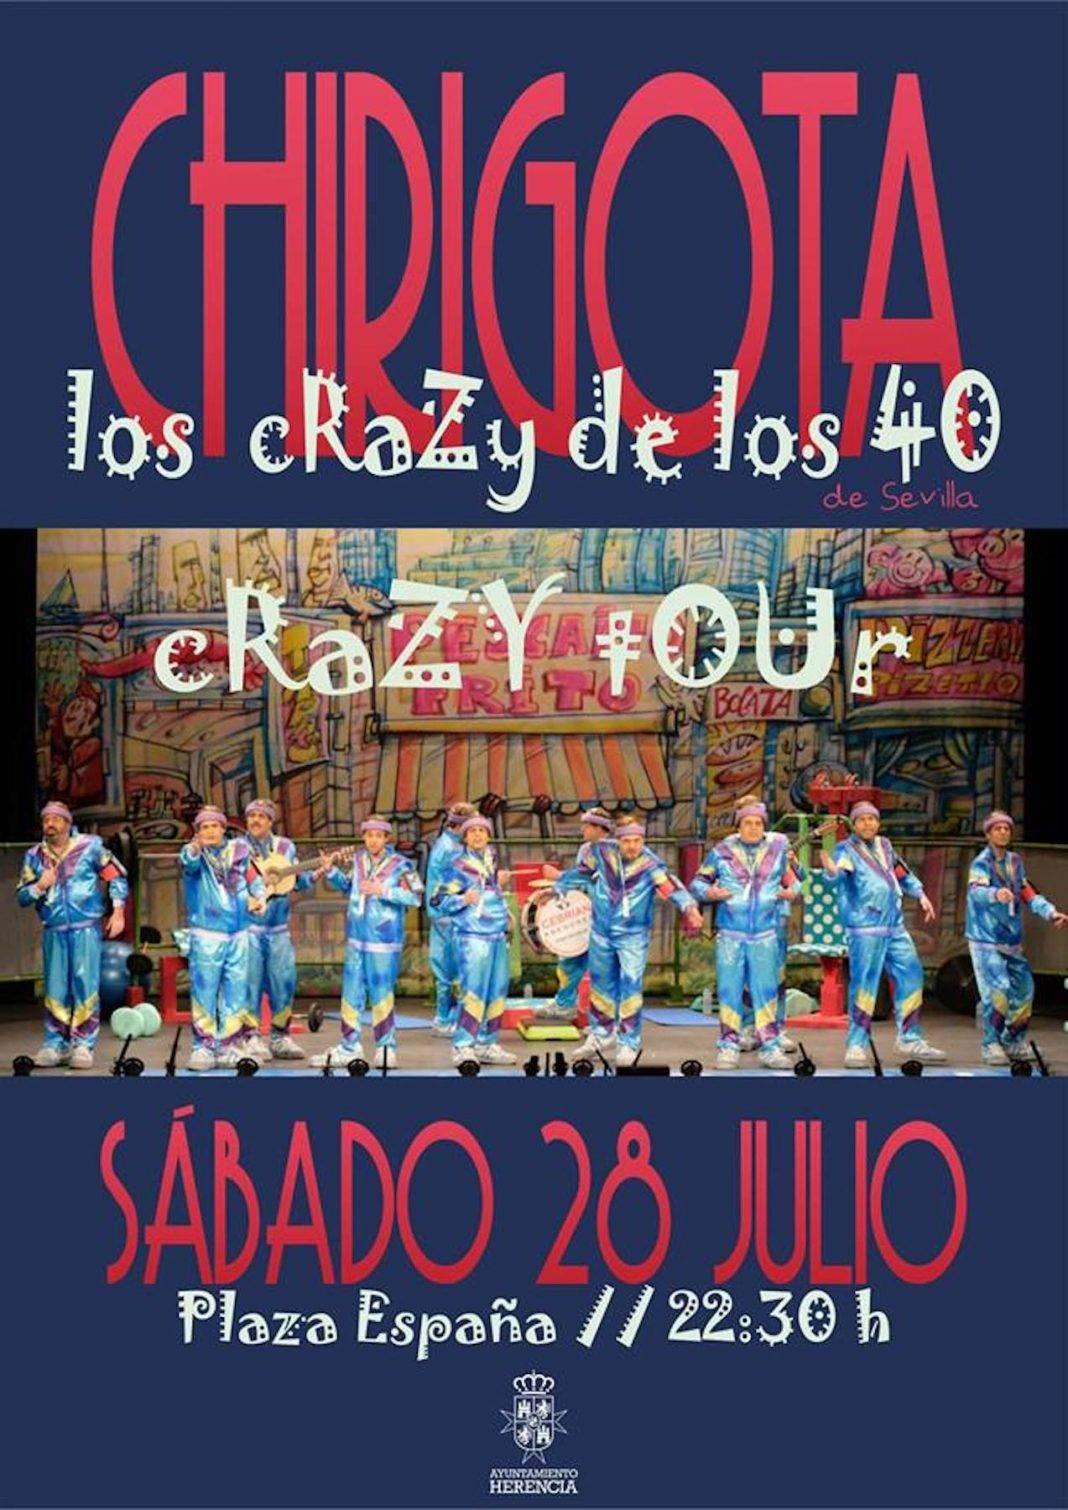 """Actuación de la Chirigota """"Los Crazy de los 40"""" en la Plaza de España el 28 de julio 2"""